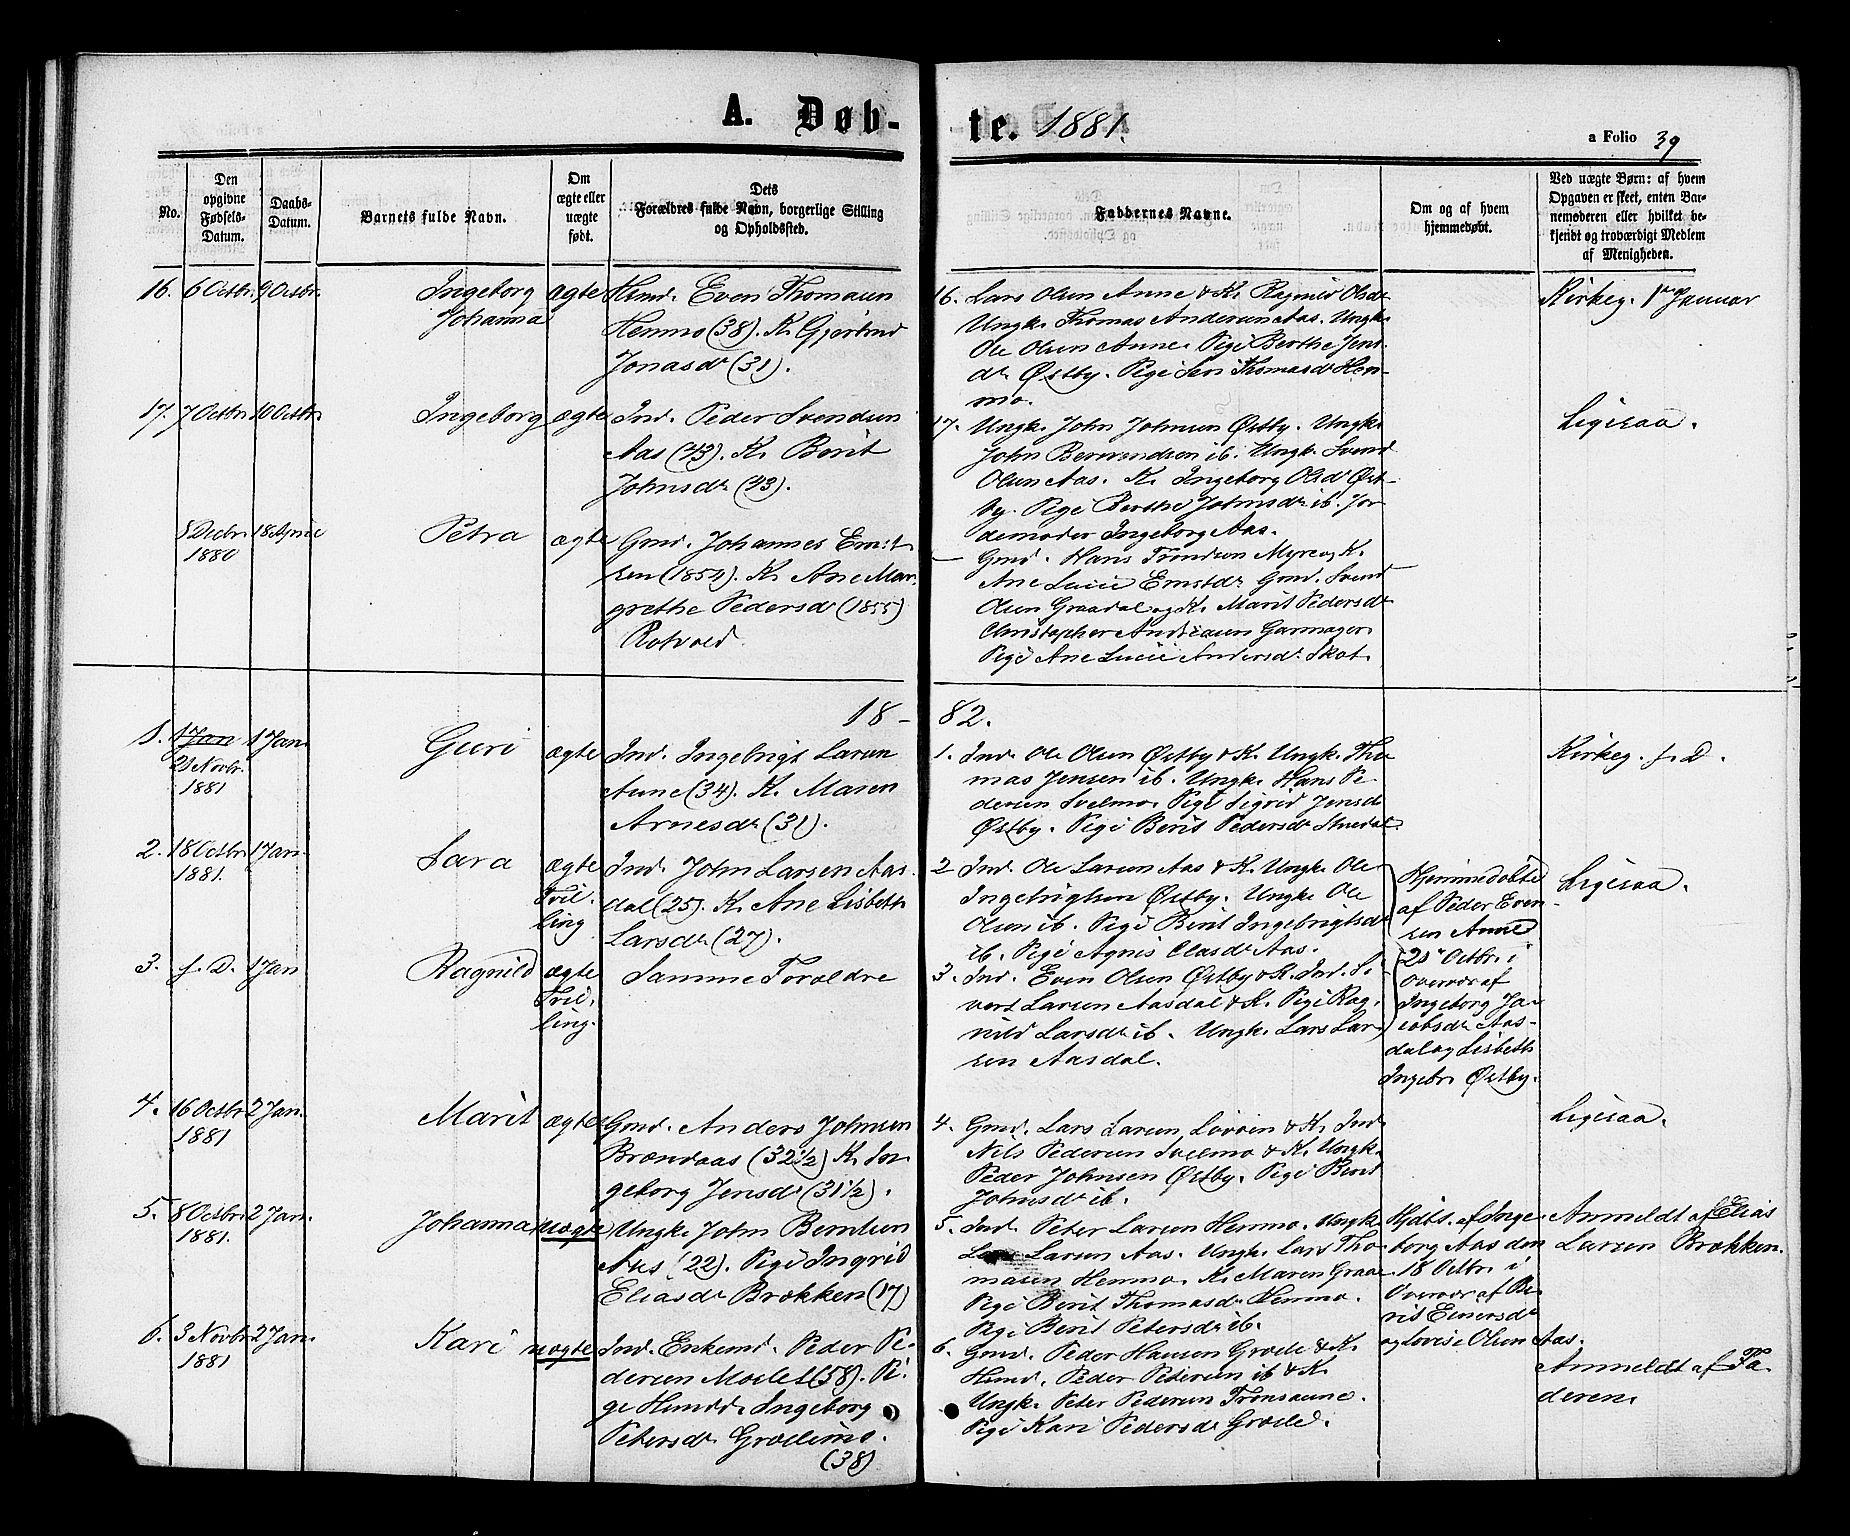 SAT, Ministerialprotokoller, klokkerbøker og fødselsregistre - Sør-Trøndelag, 698/L1163: Ministerialbok nr. 698A01, 1862-1887, s. 39